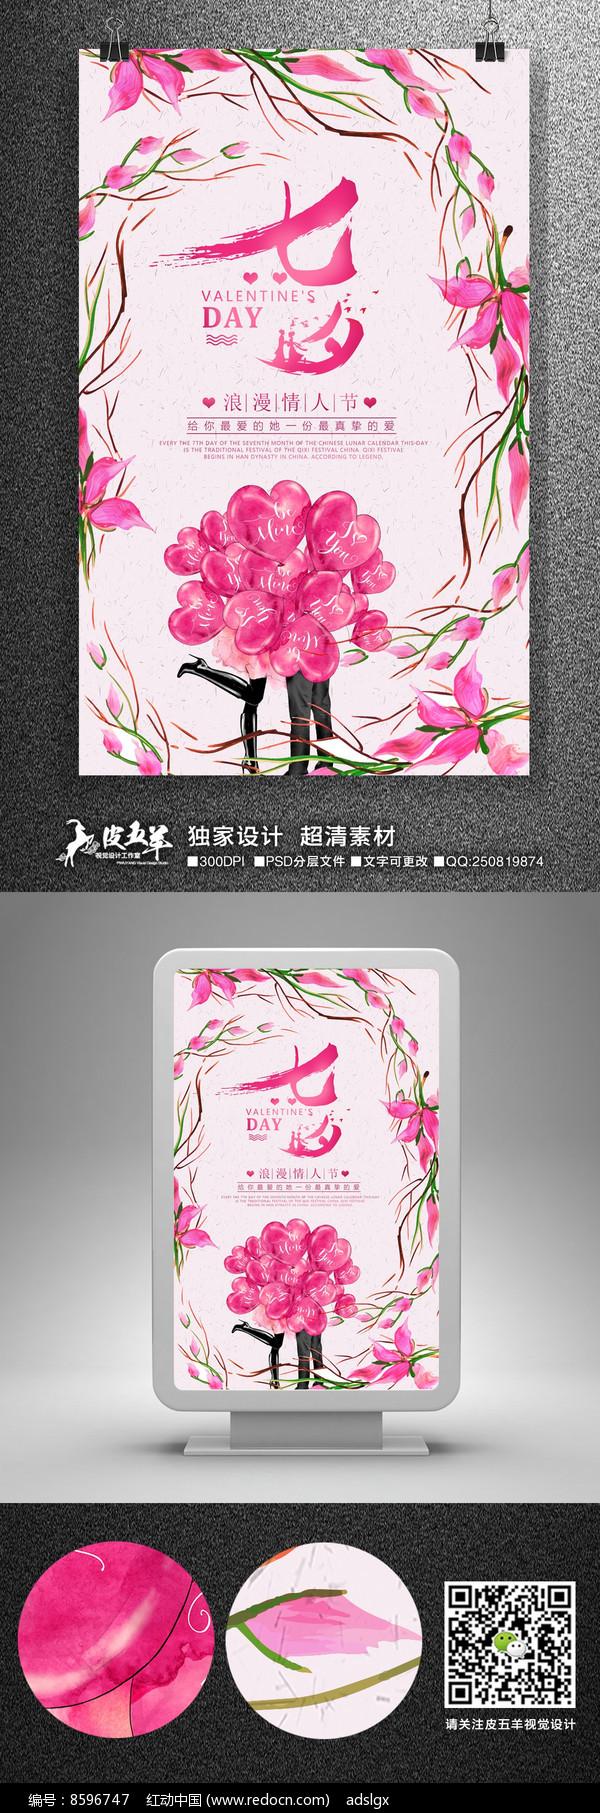 水彩七夕节促销海报图片